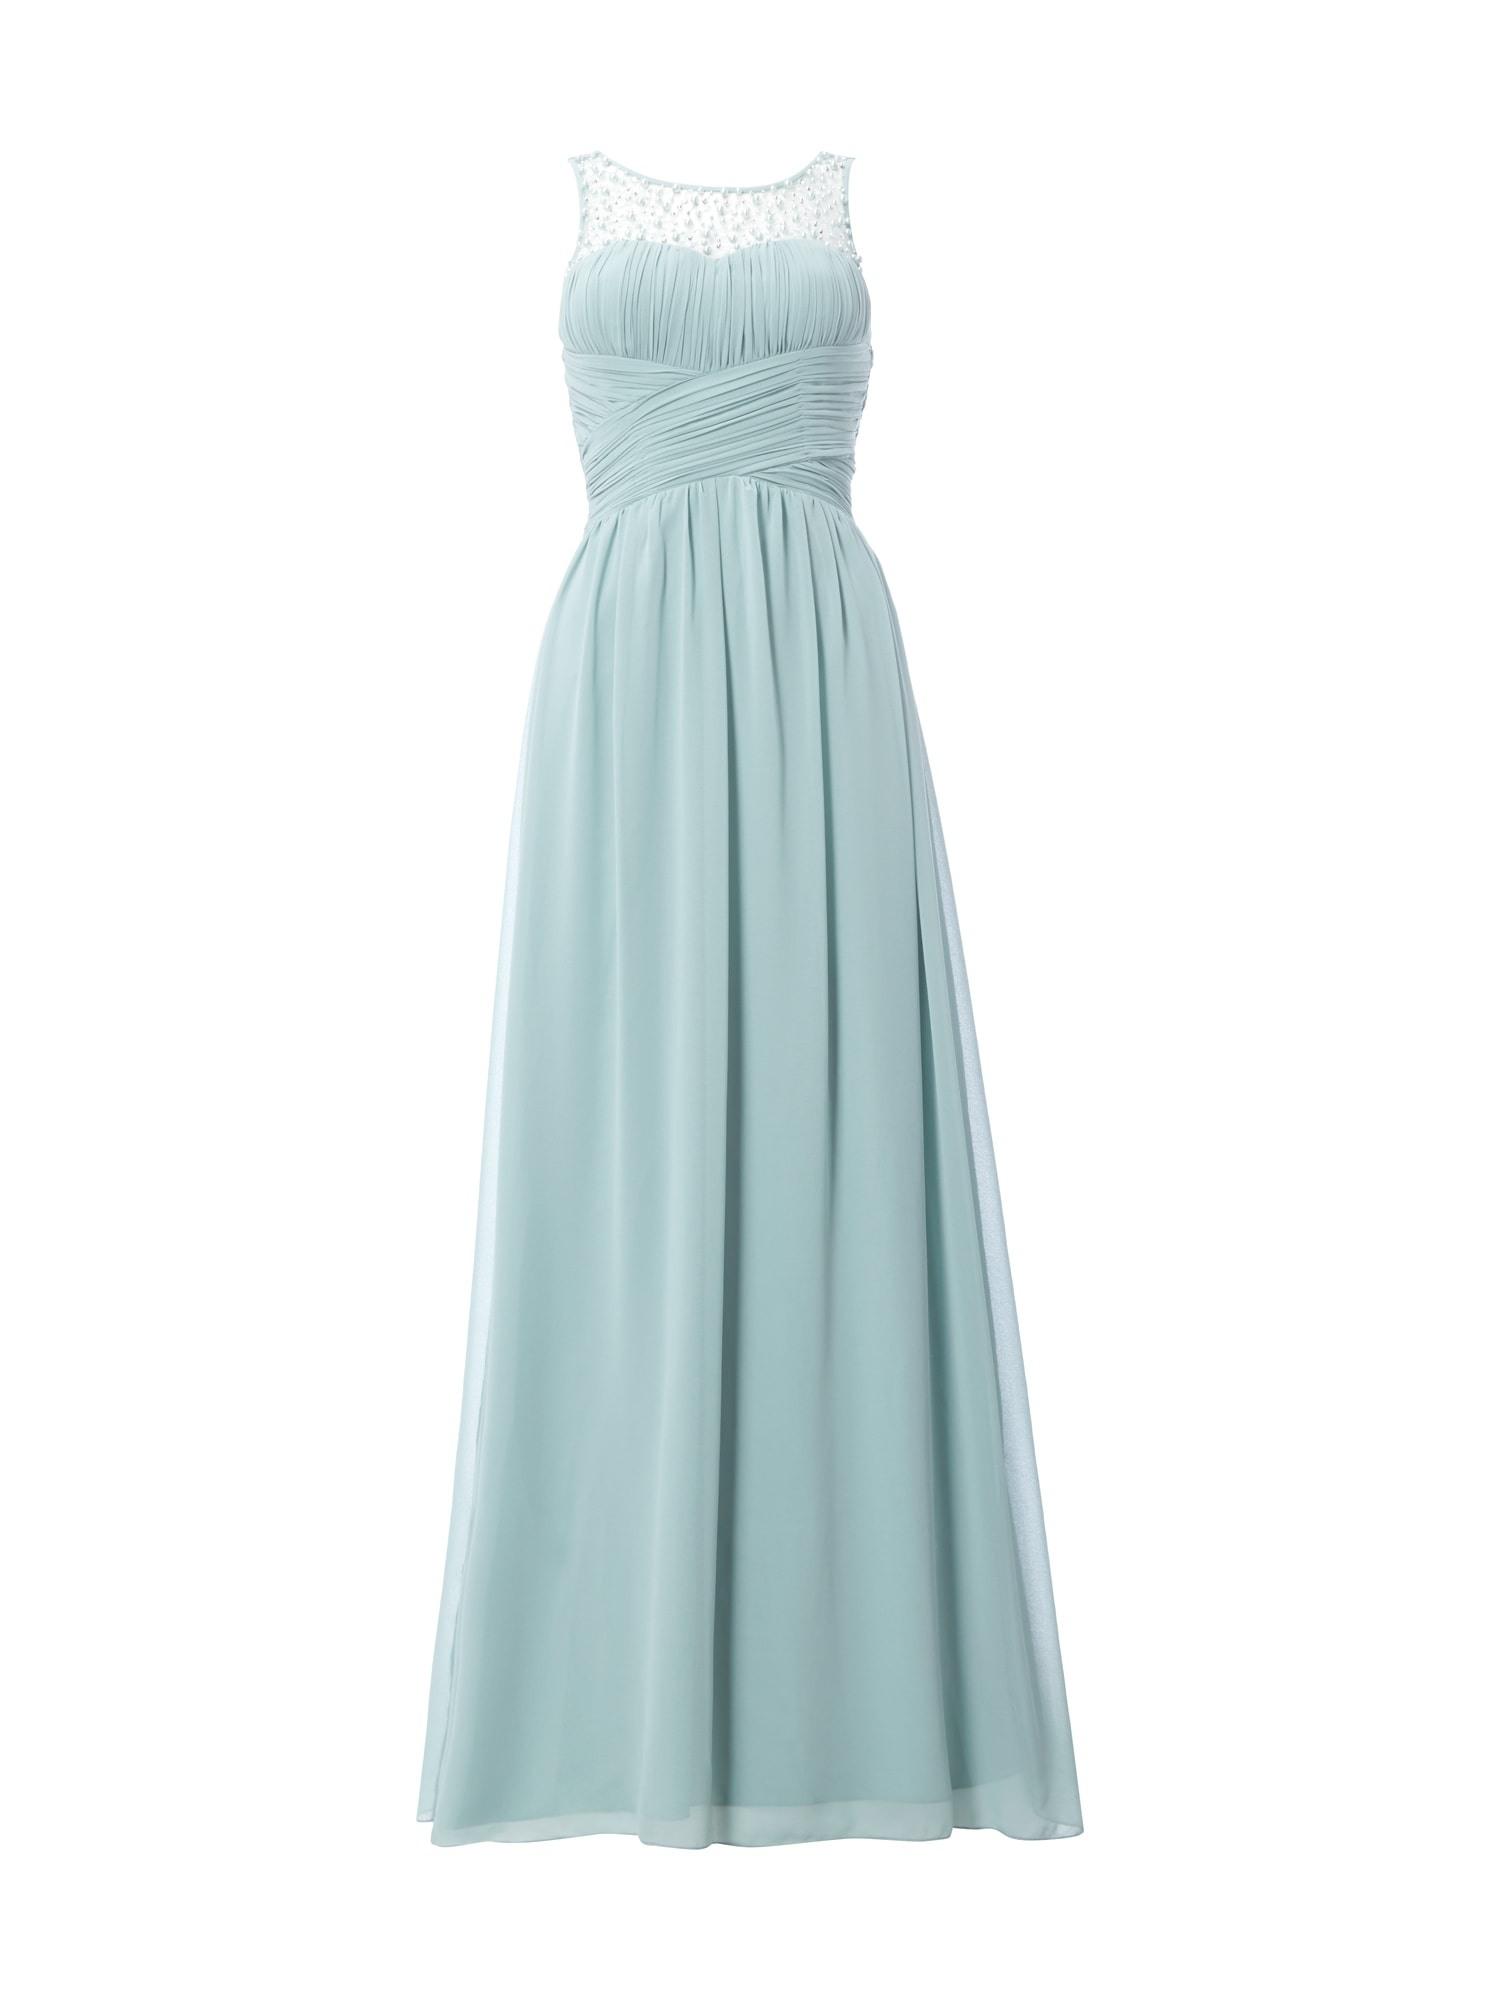 13 Luxus Damen Kleider Abendkleid Stylish13 Luxurius Damen Kleider Abendkleid Vertrieb